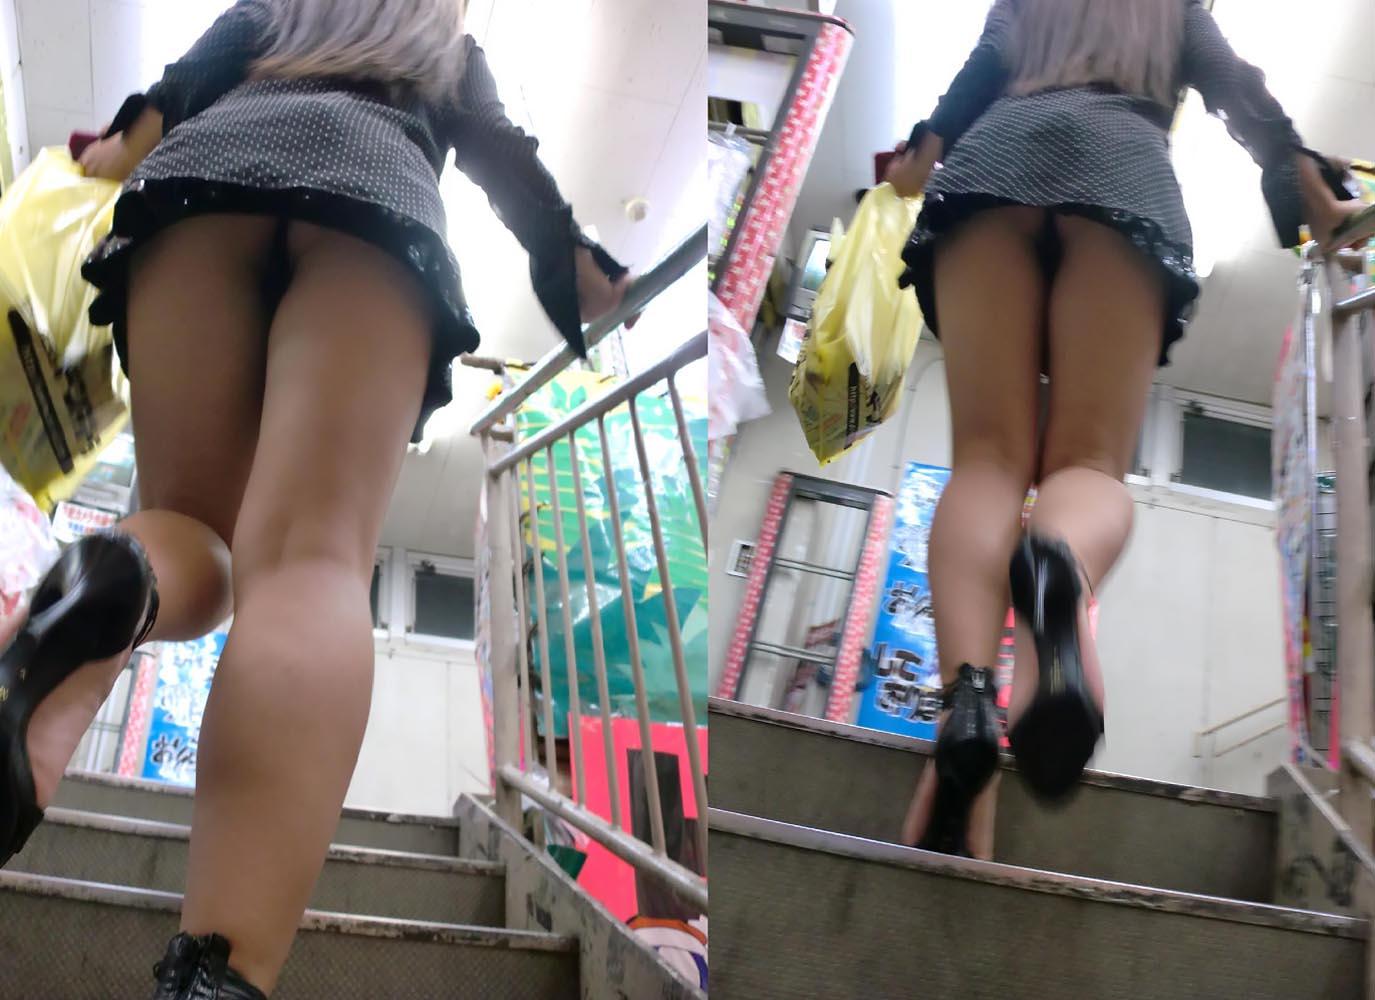 【ミニスカエロ画像】美脚とパンツに需要ある限り不滅!ミニスカ女子のチラ見えエロスwww 07